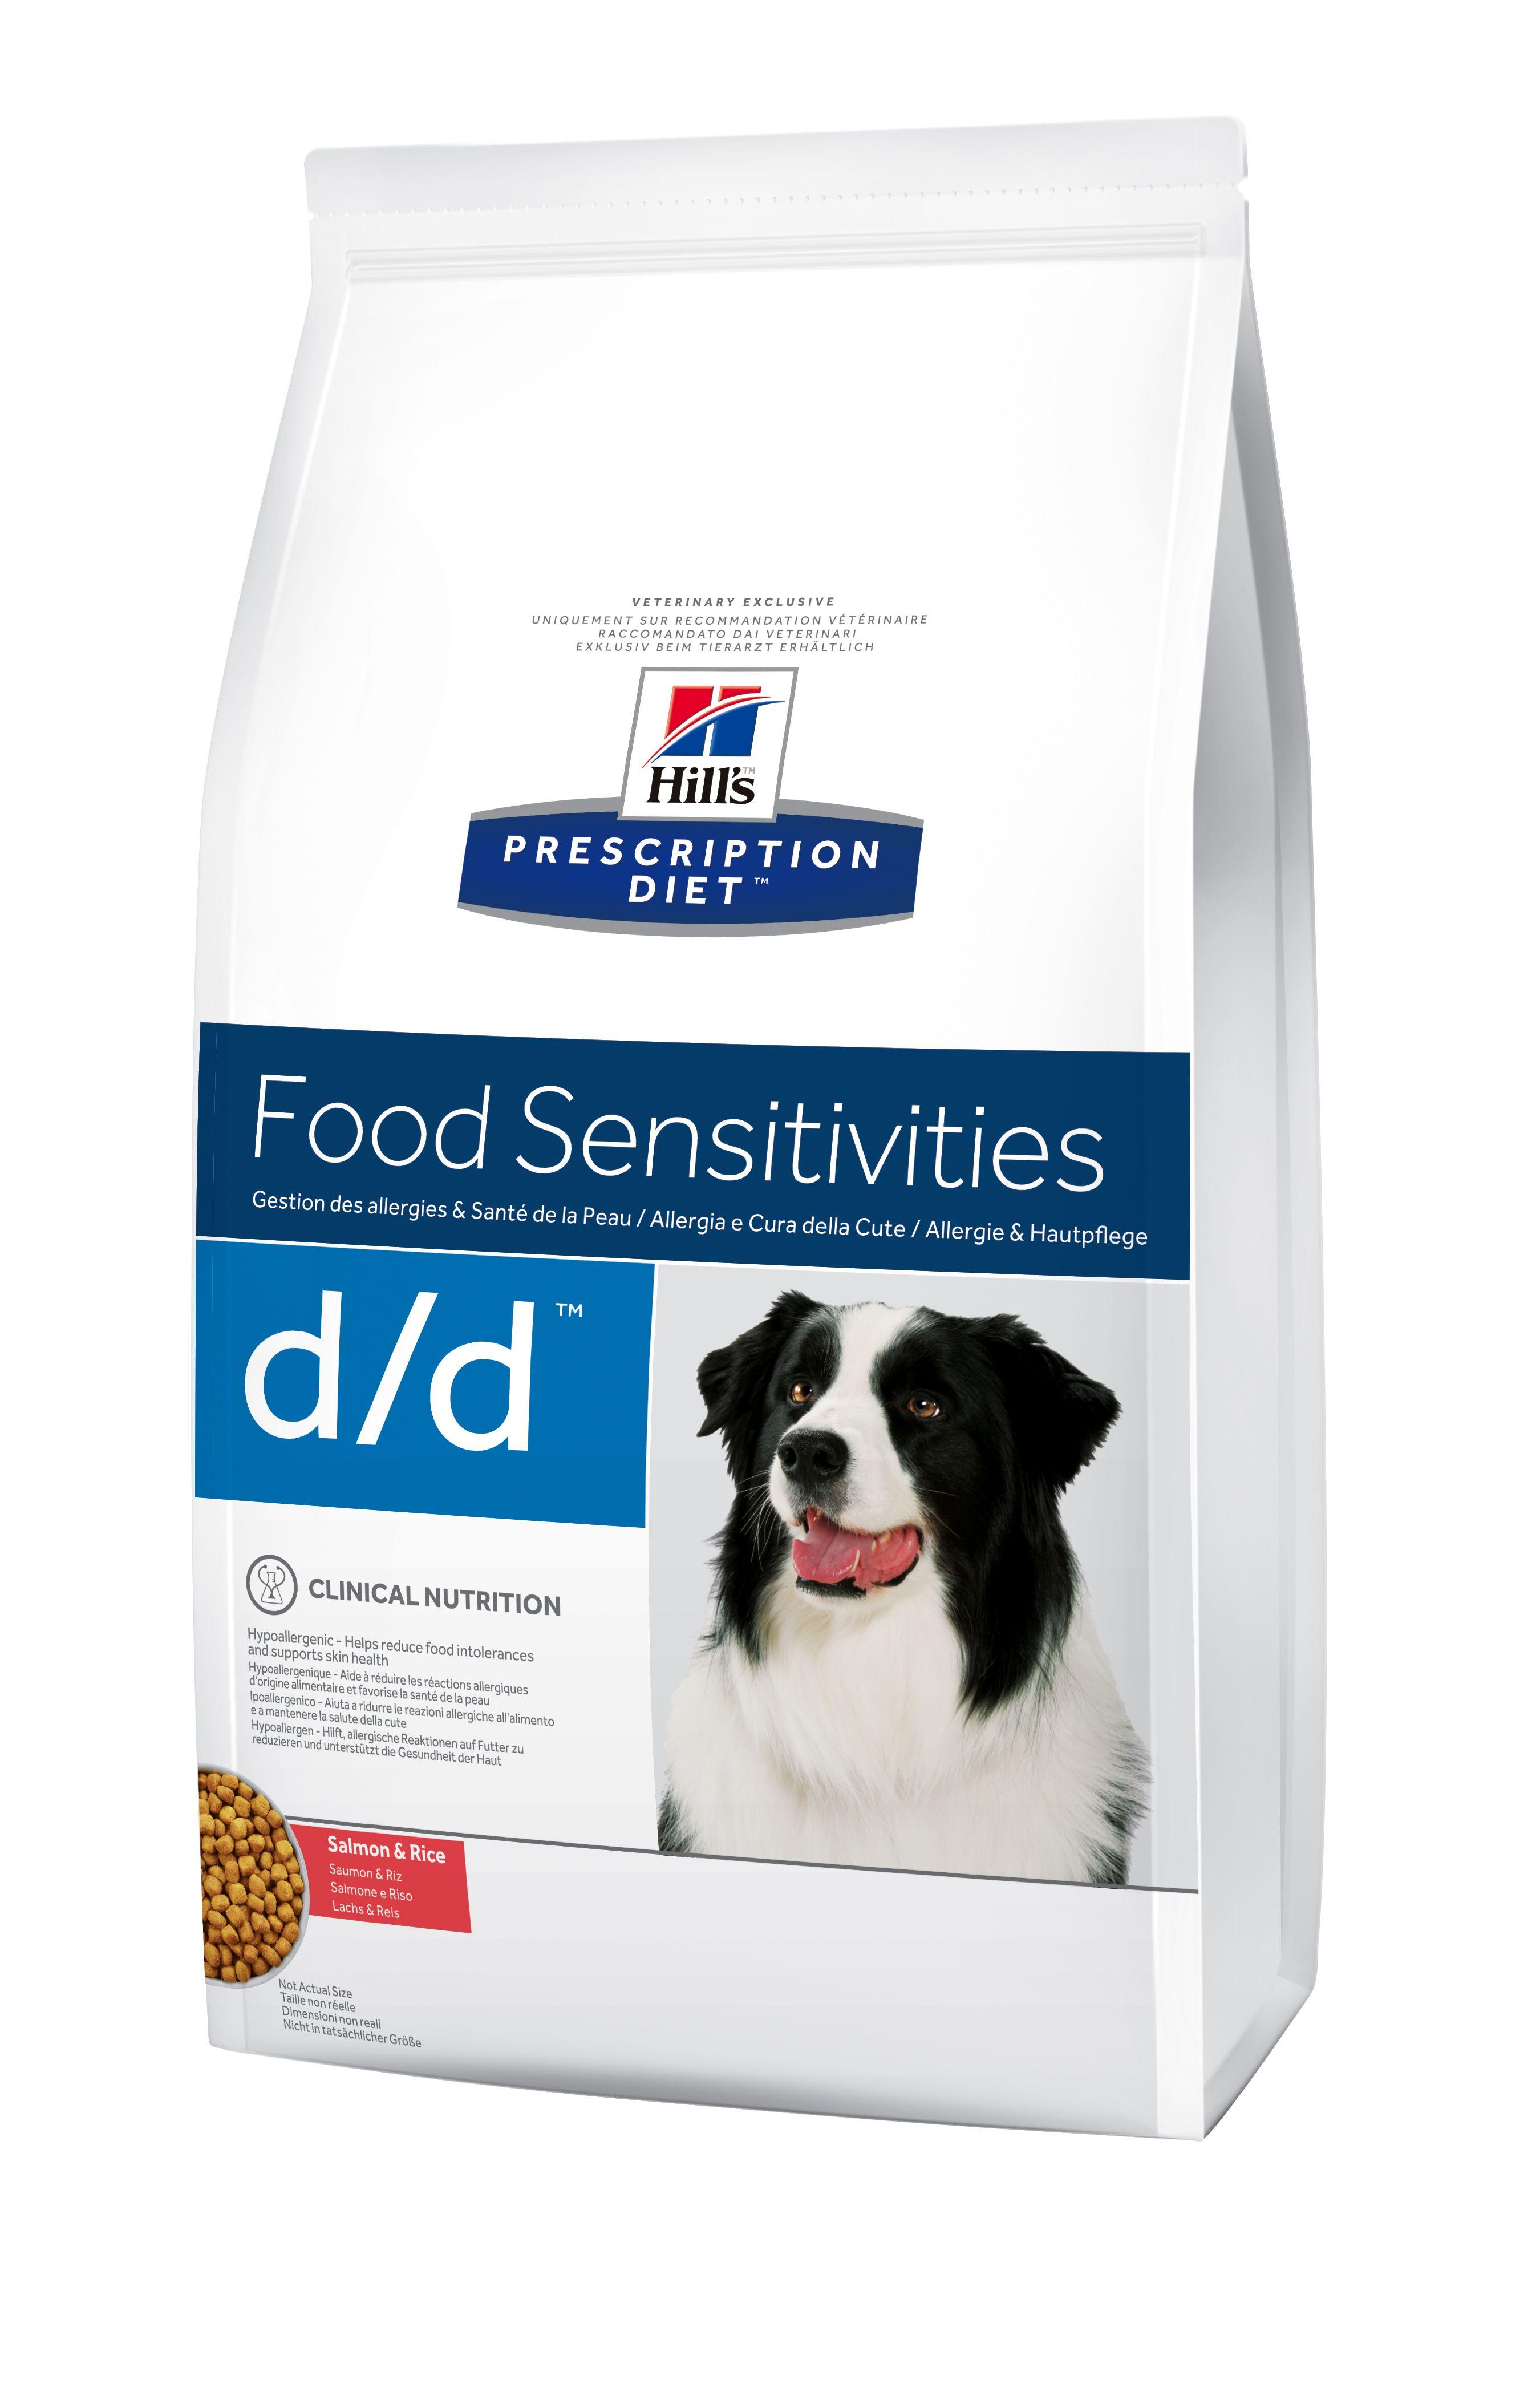 Сухой корм Hill's Prescription Diet D/D Food Sensitivities для лечения пищевых аллергий для собак